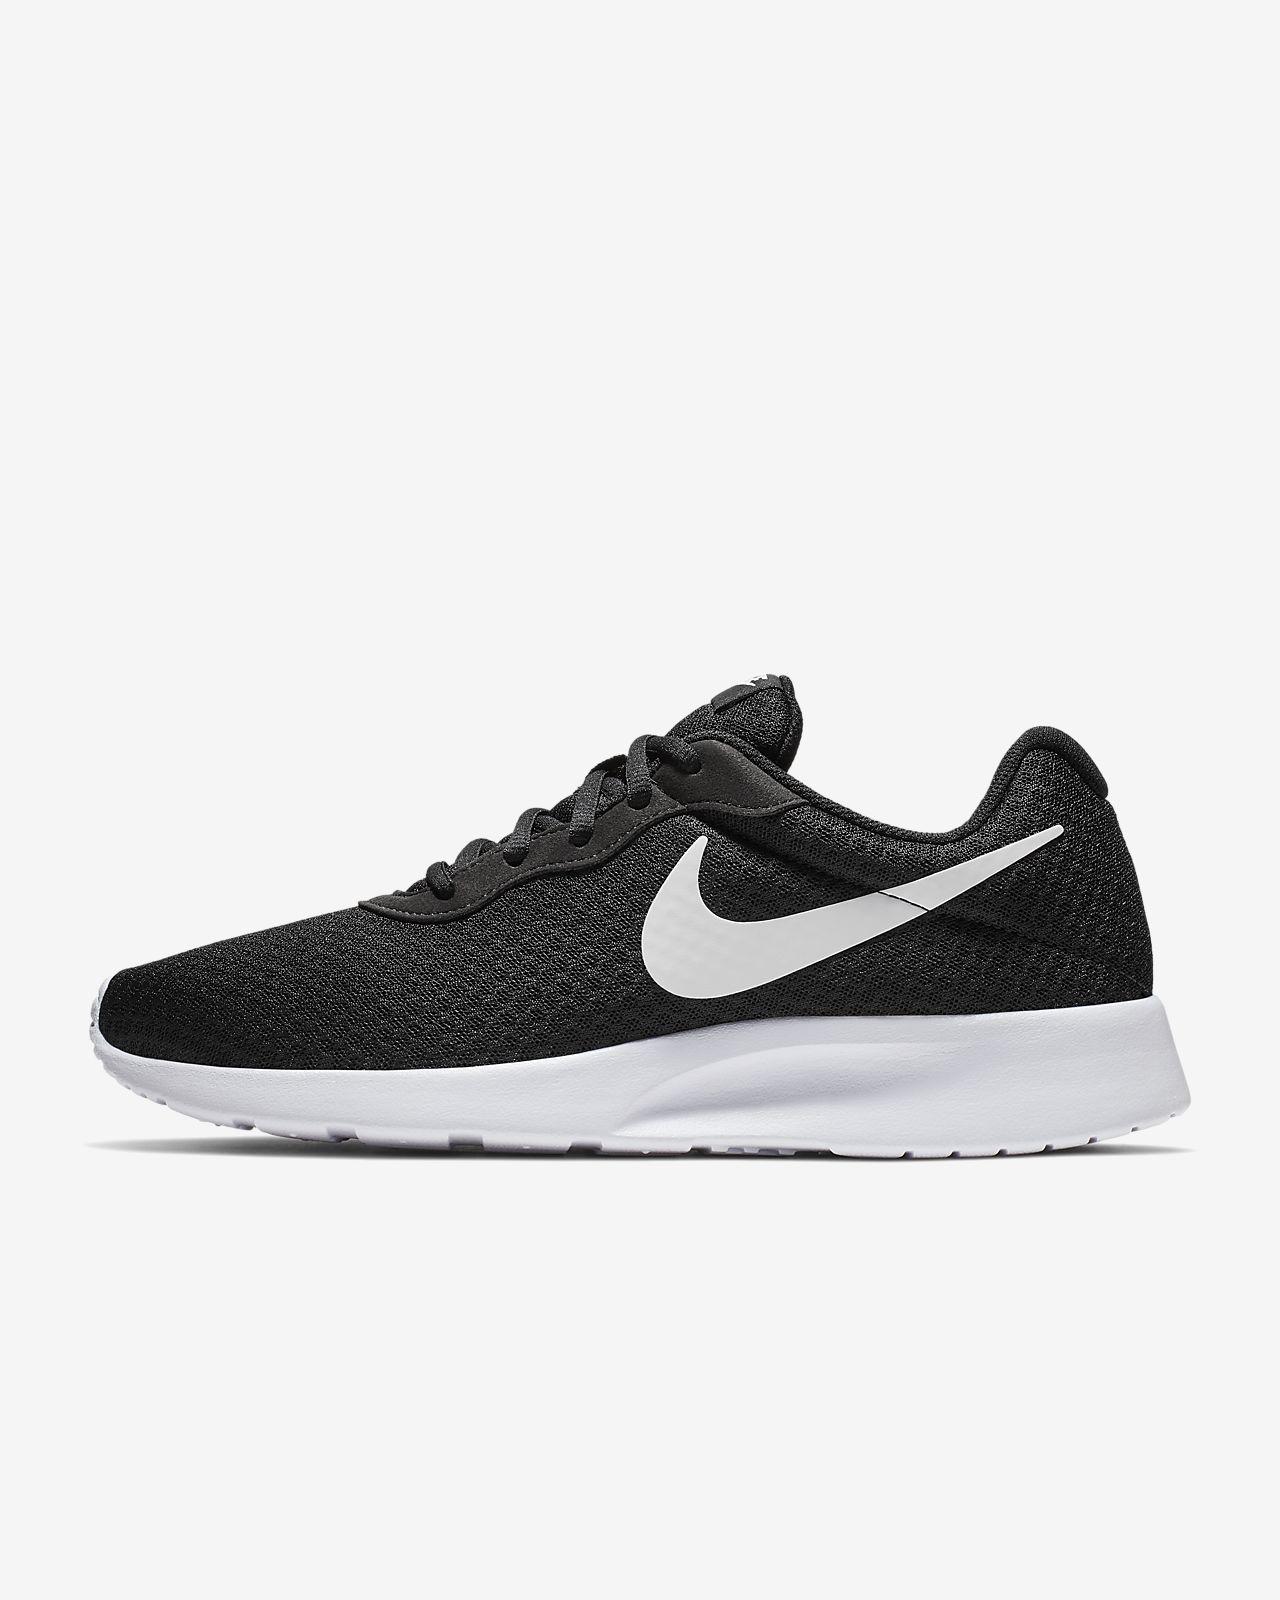 nike zapatos hombre 2017